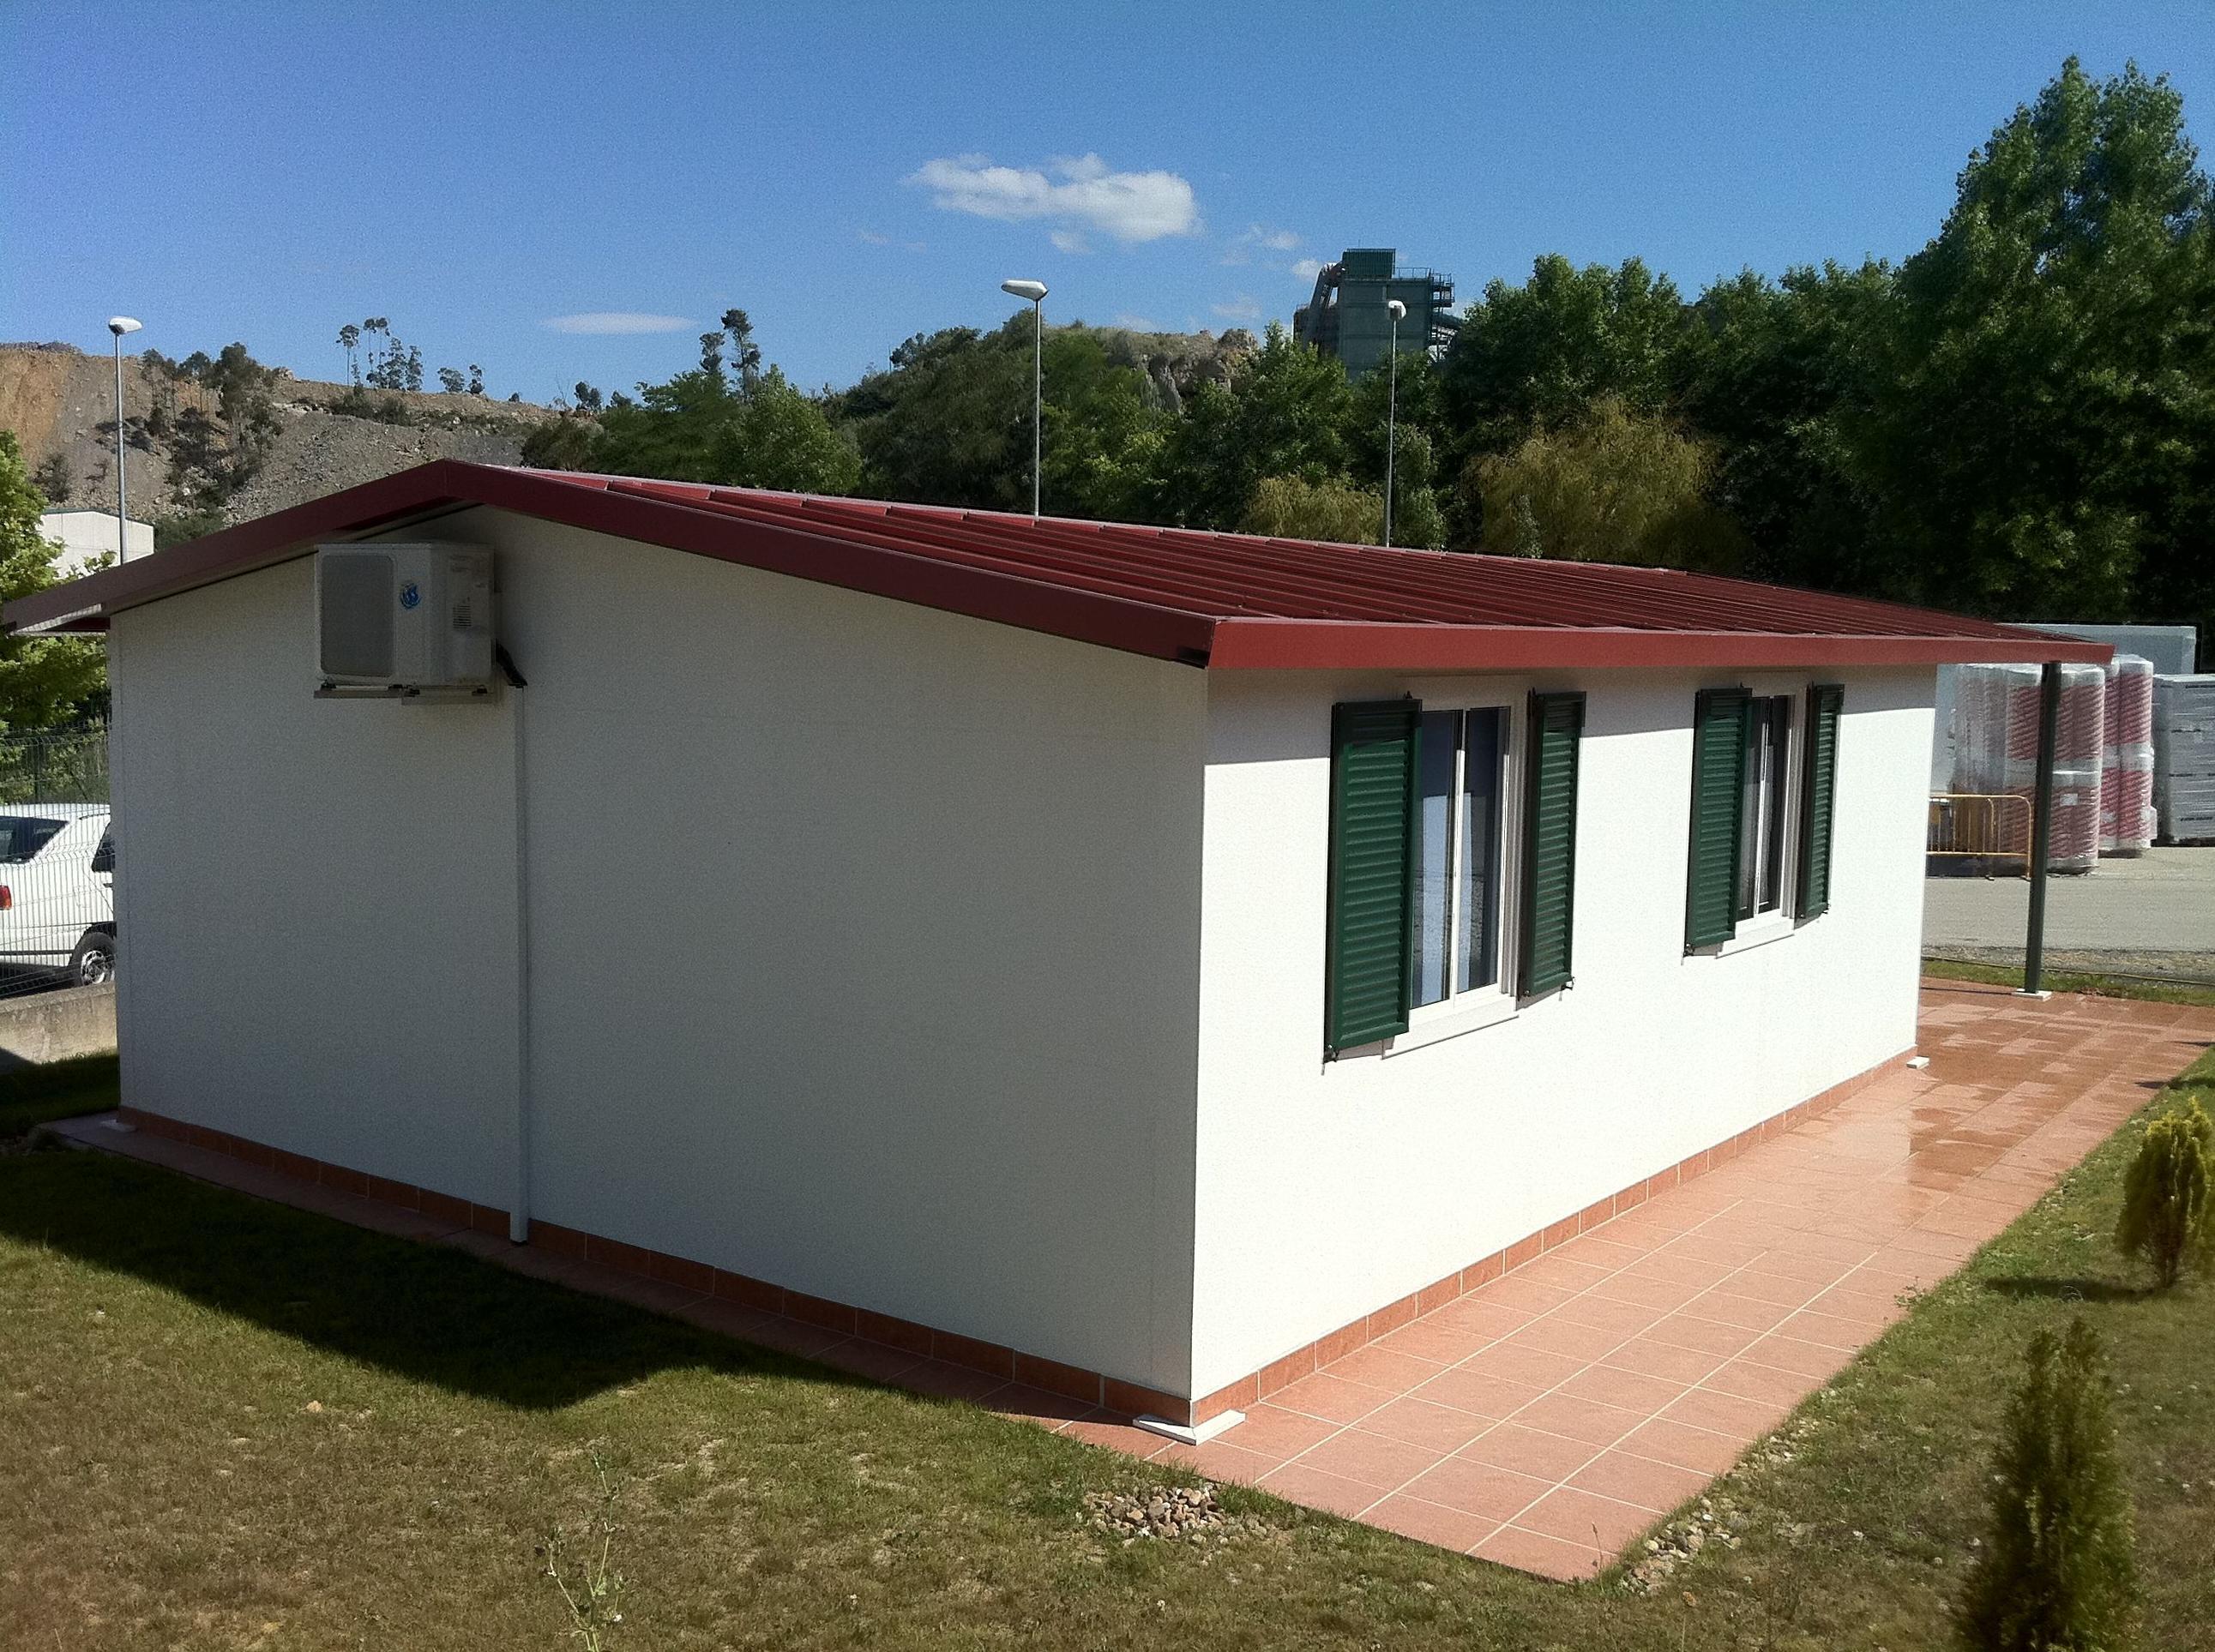 Foto 57 de Casas prefabricadas en Humanes | Wigarma